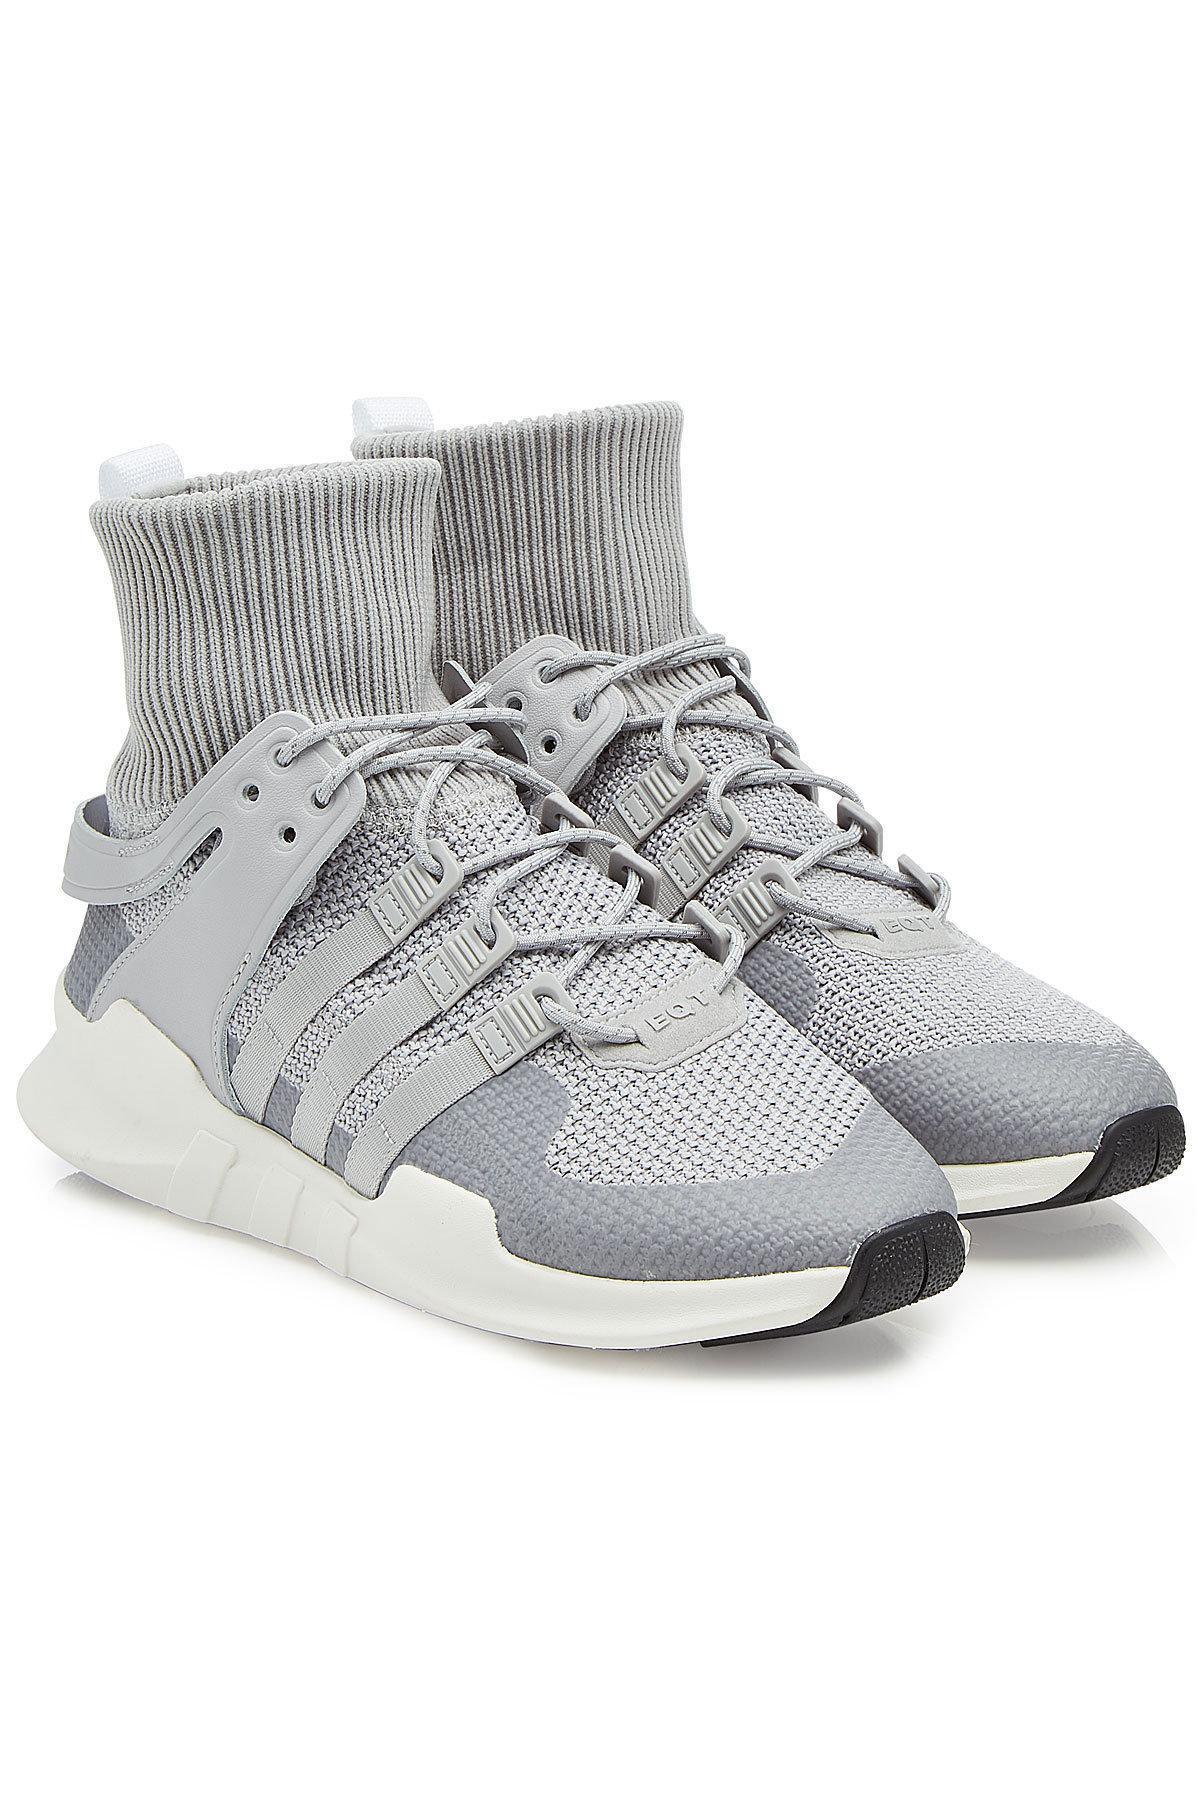 Lyst adidas Originals EQT Support ADV Winter zapatilla en gris para hombres